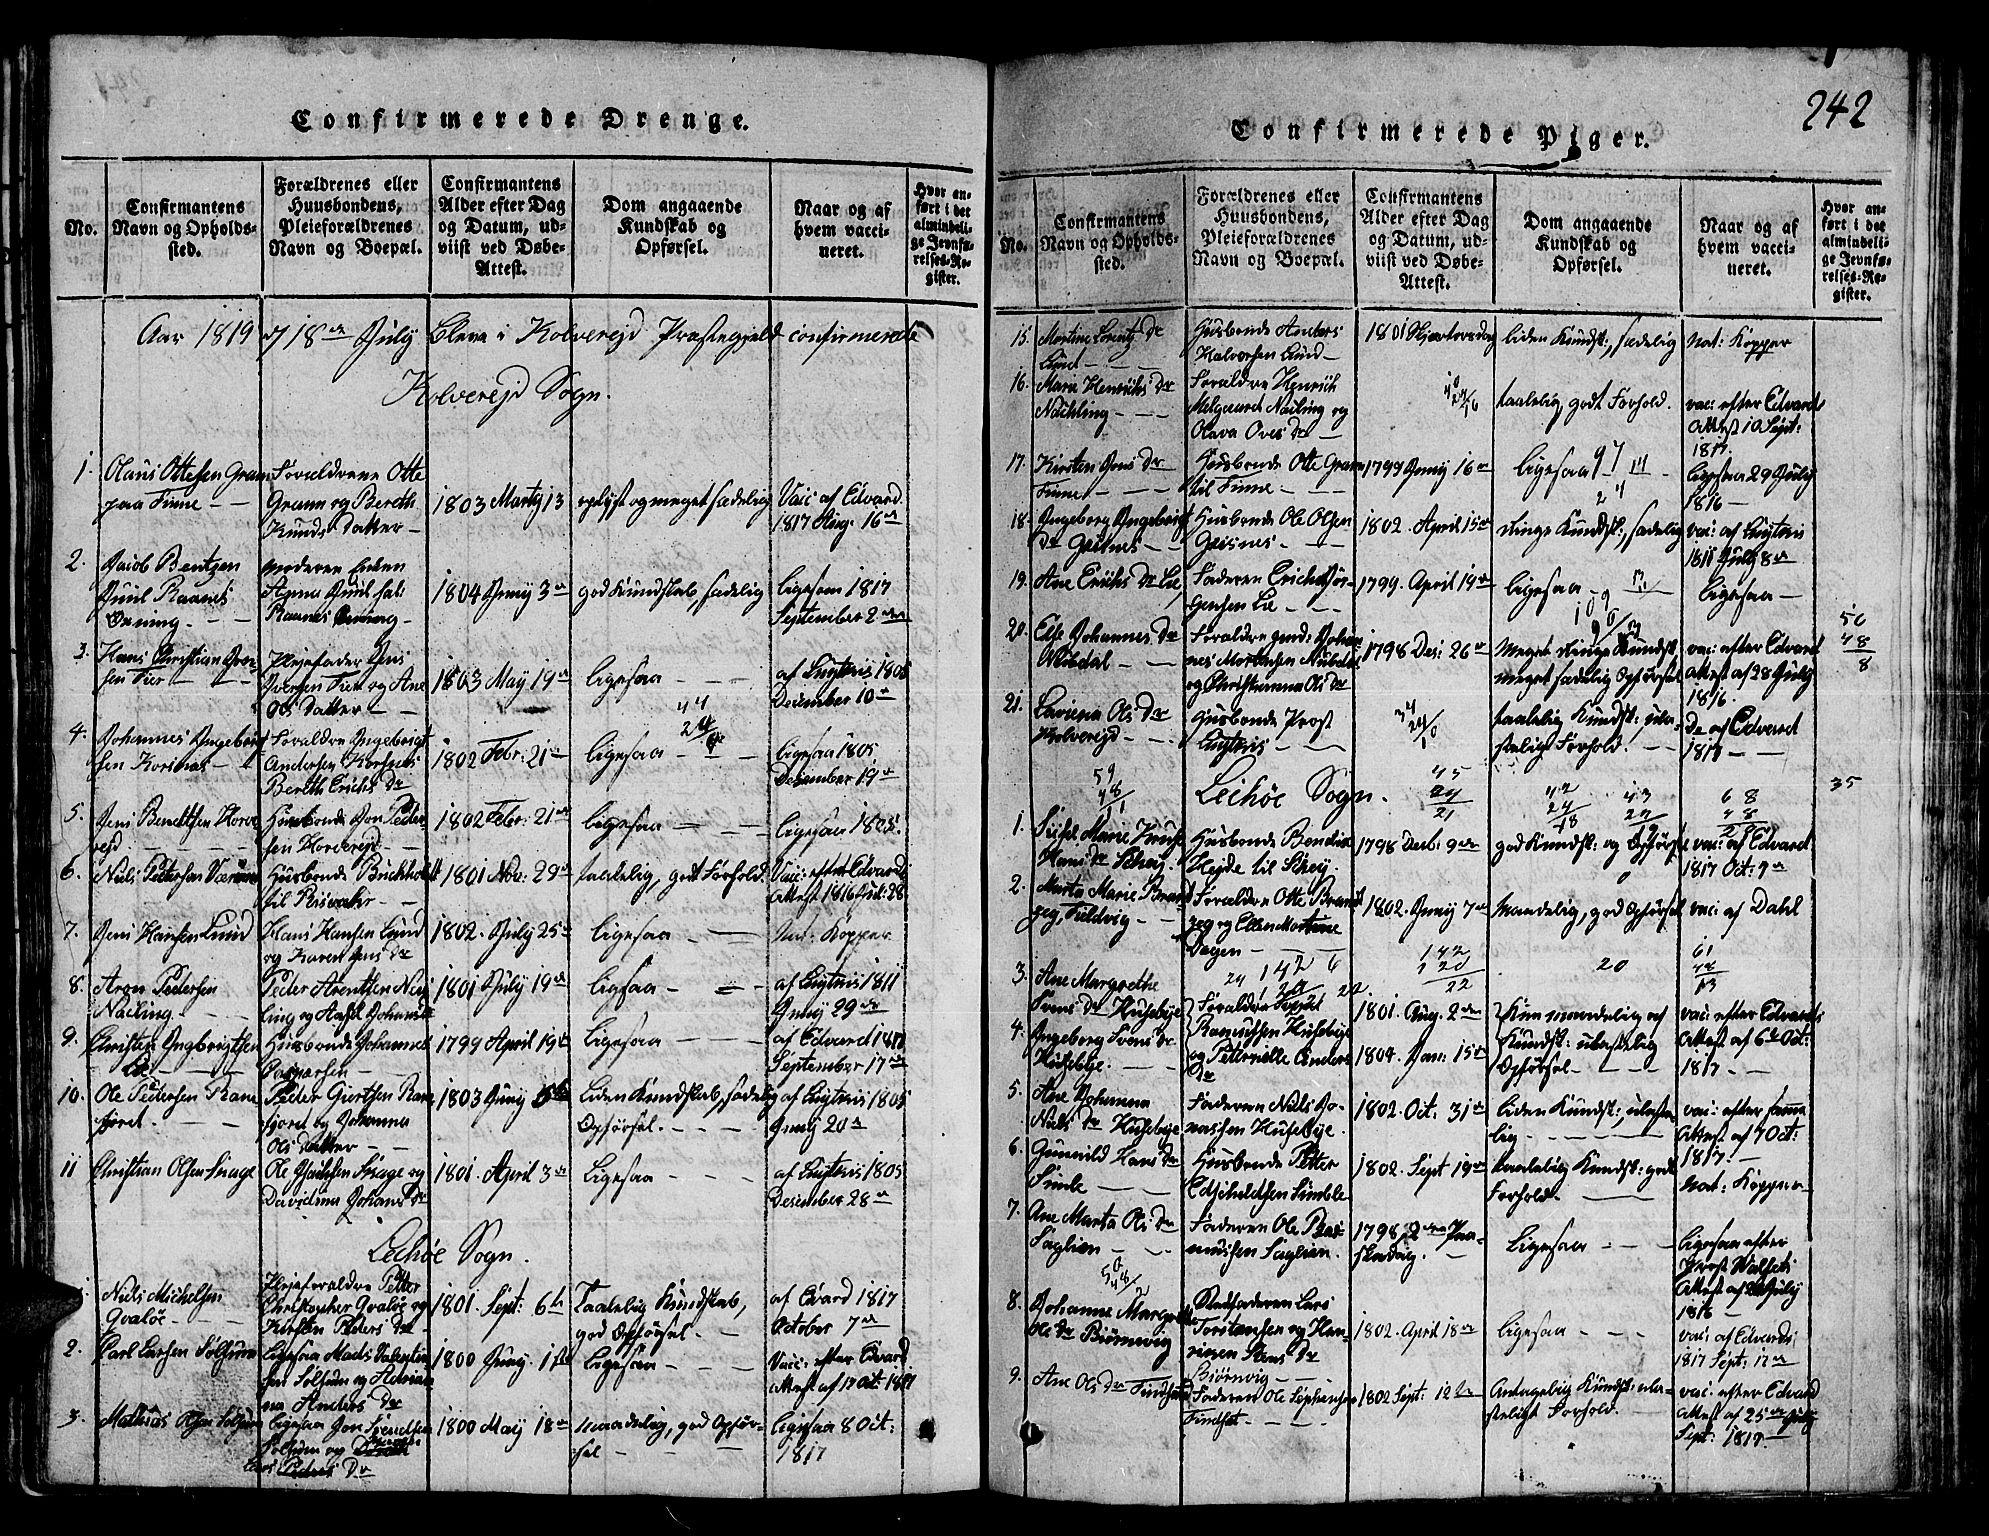 SAT, Ministerialprotokoller, klokkerbøker og fødselsregistre - Nord-Trøndelag, 780/L0648: Klokkerbok nr. 780C01 /1, 1815-1870, s. 242